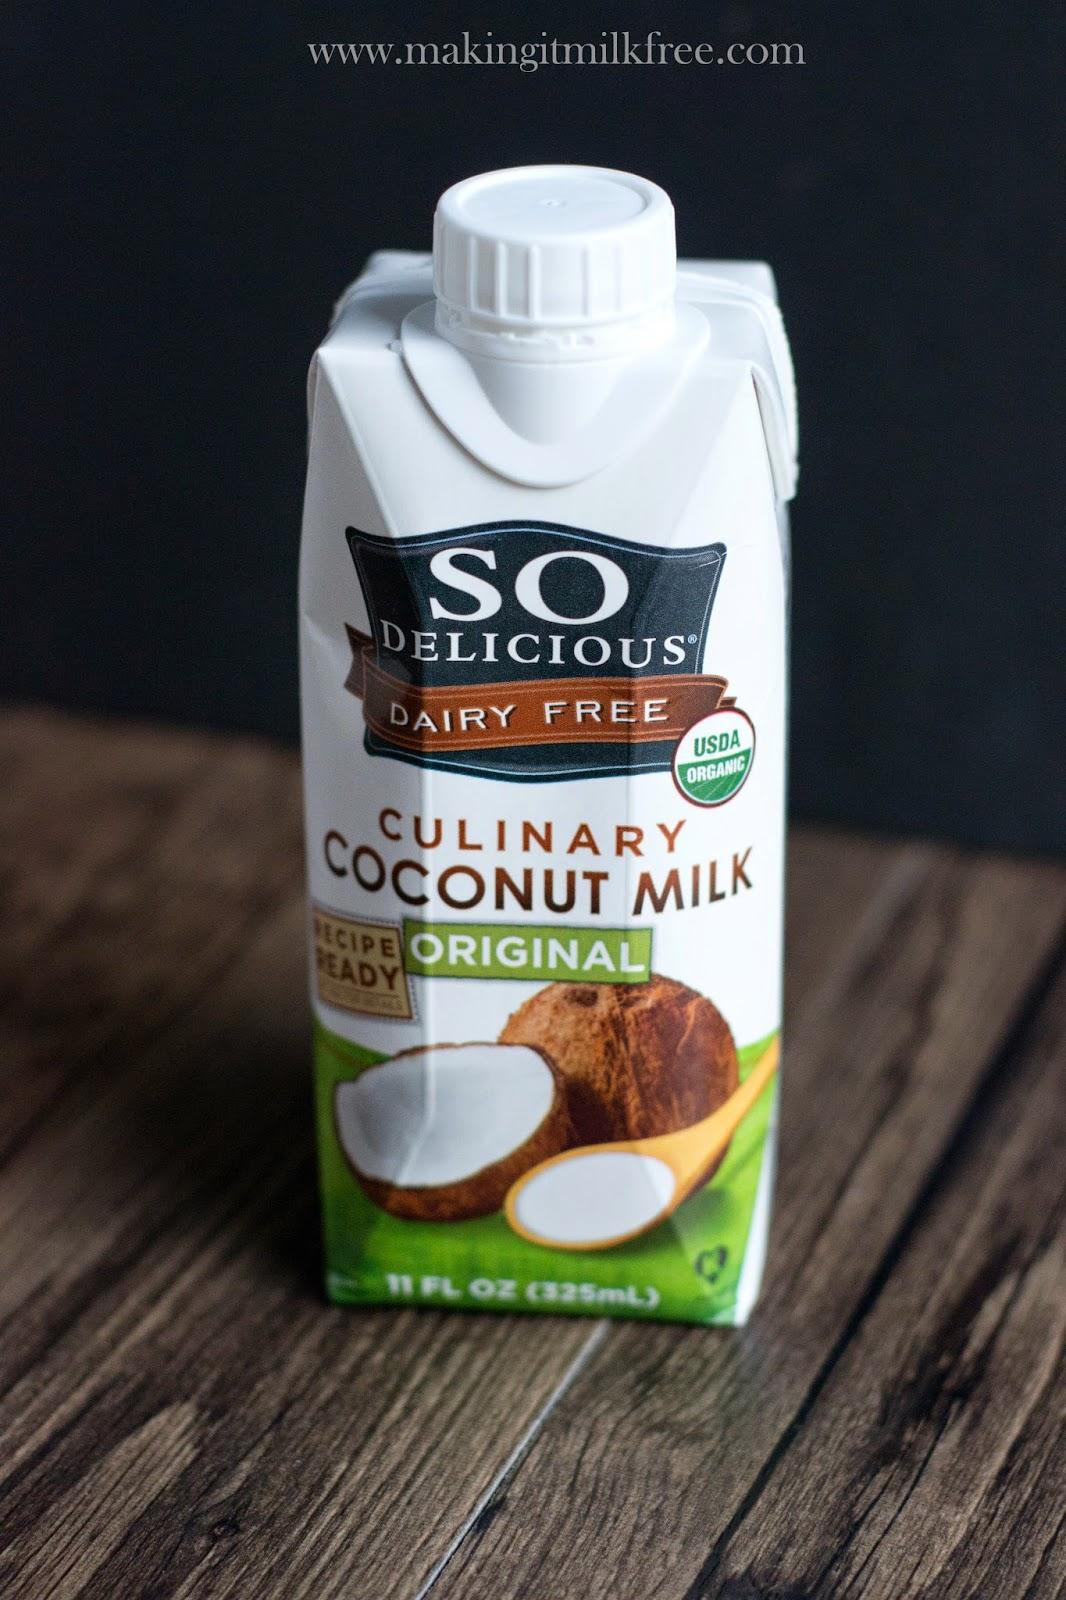 #dairyfree #vegan #glutenfree #sodelicious